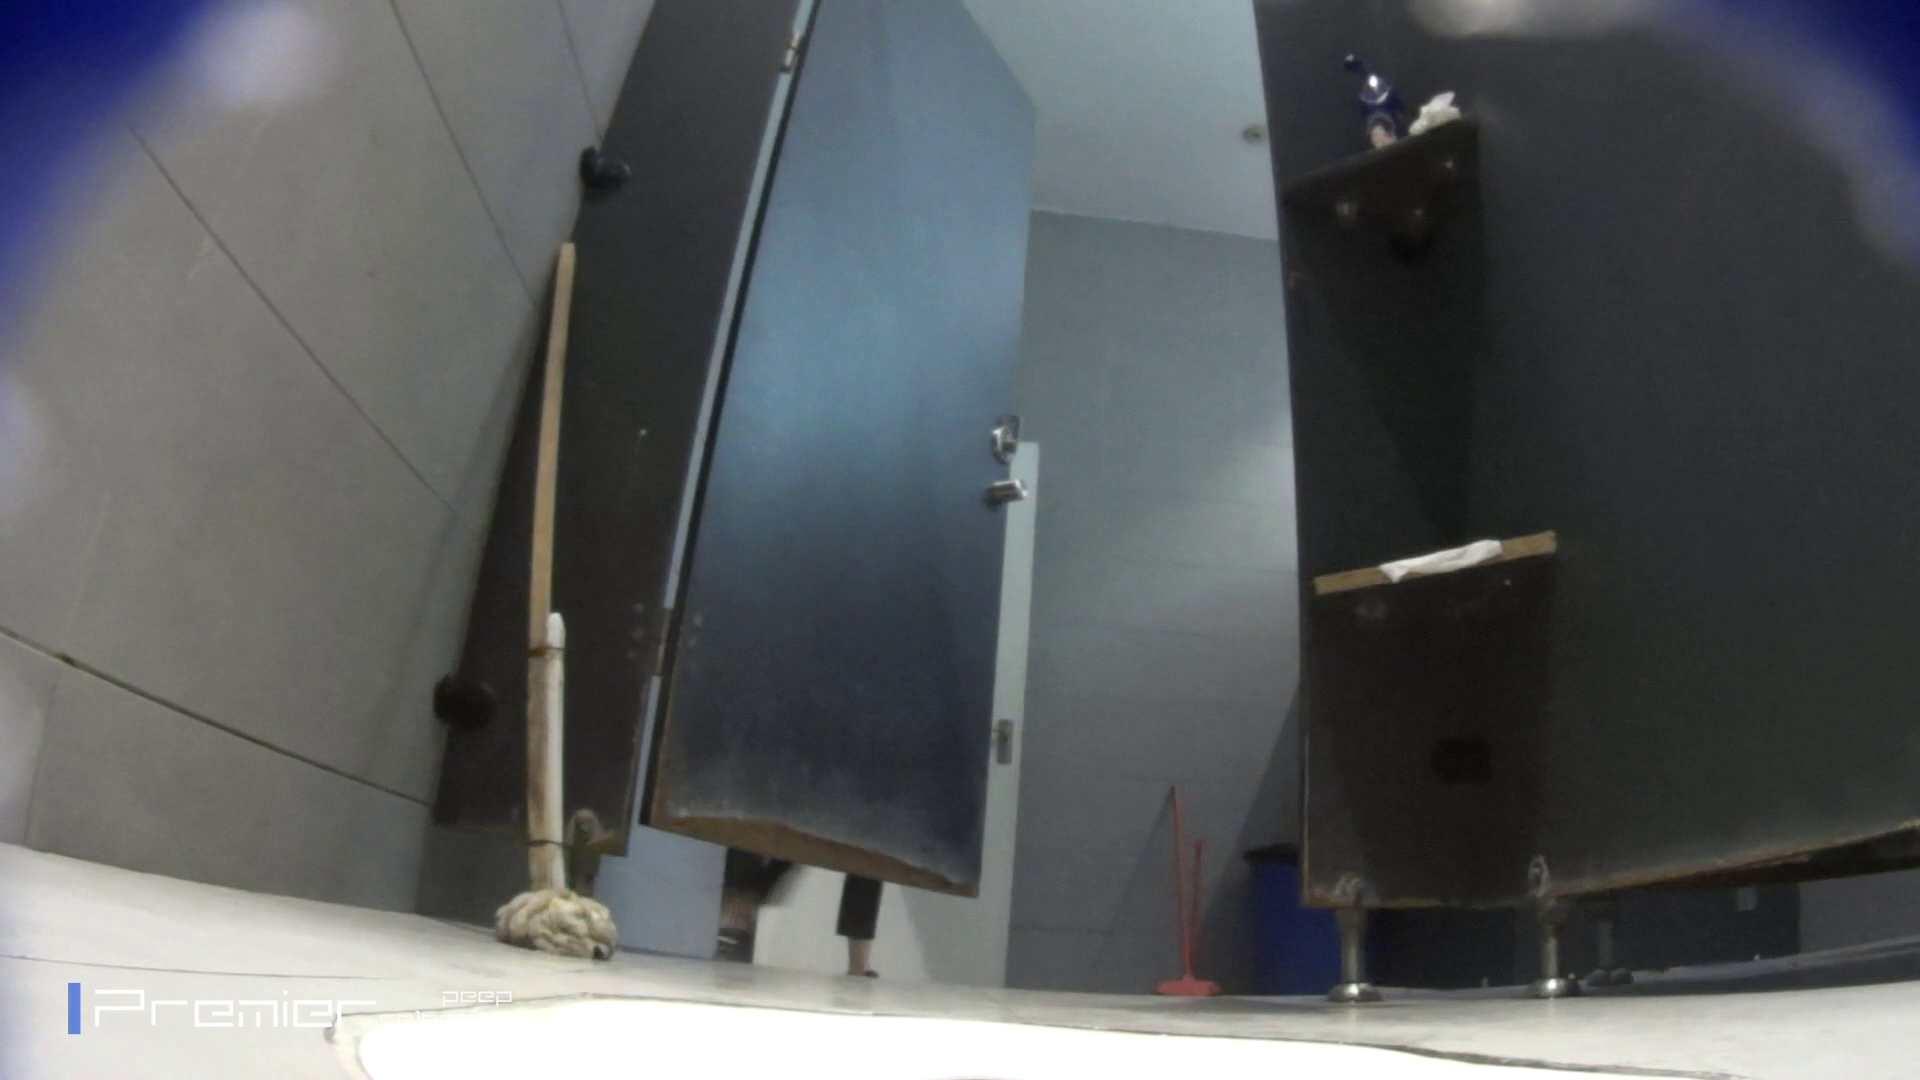 トイレットペーパーを握りしめ個室に入る乙女 大学休憩時間の洗面所事情83 ギャルズ AV動画キャプチャ 39画像 2